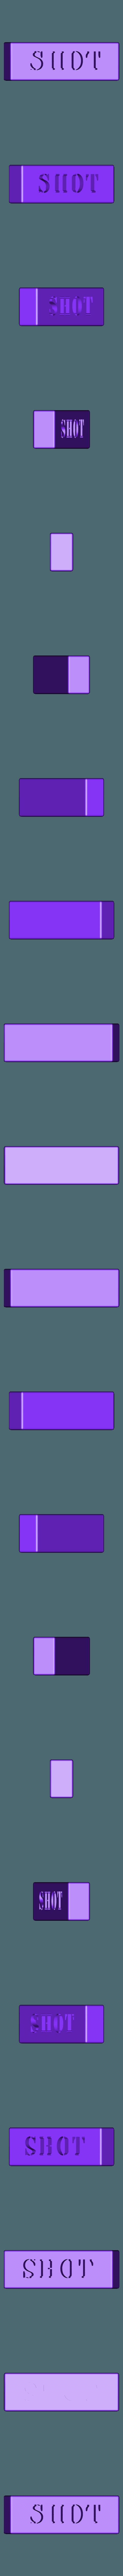 Jenga block - Shot.stl Download STL file Jenga Rules • 3D print model, Made_In_Space